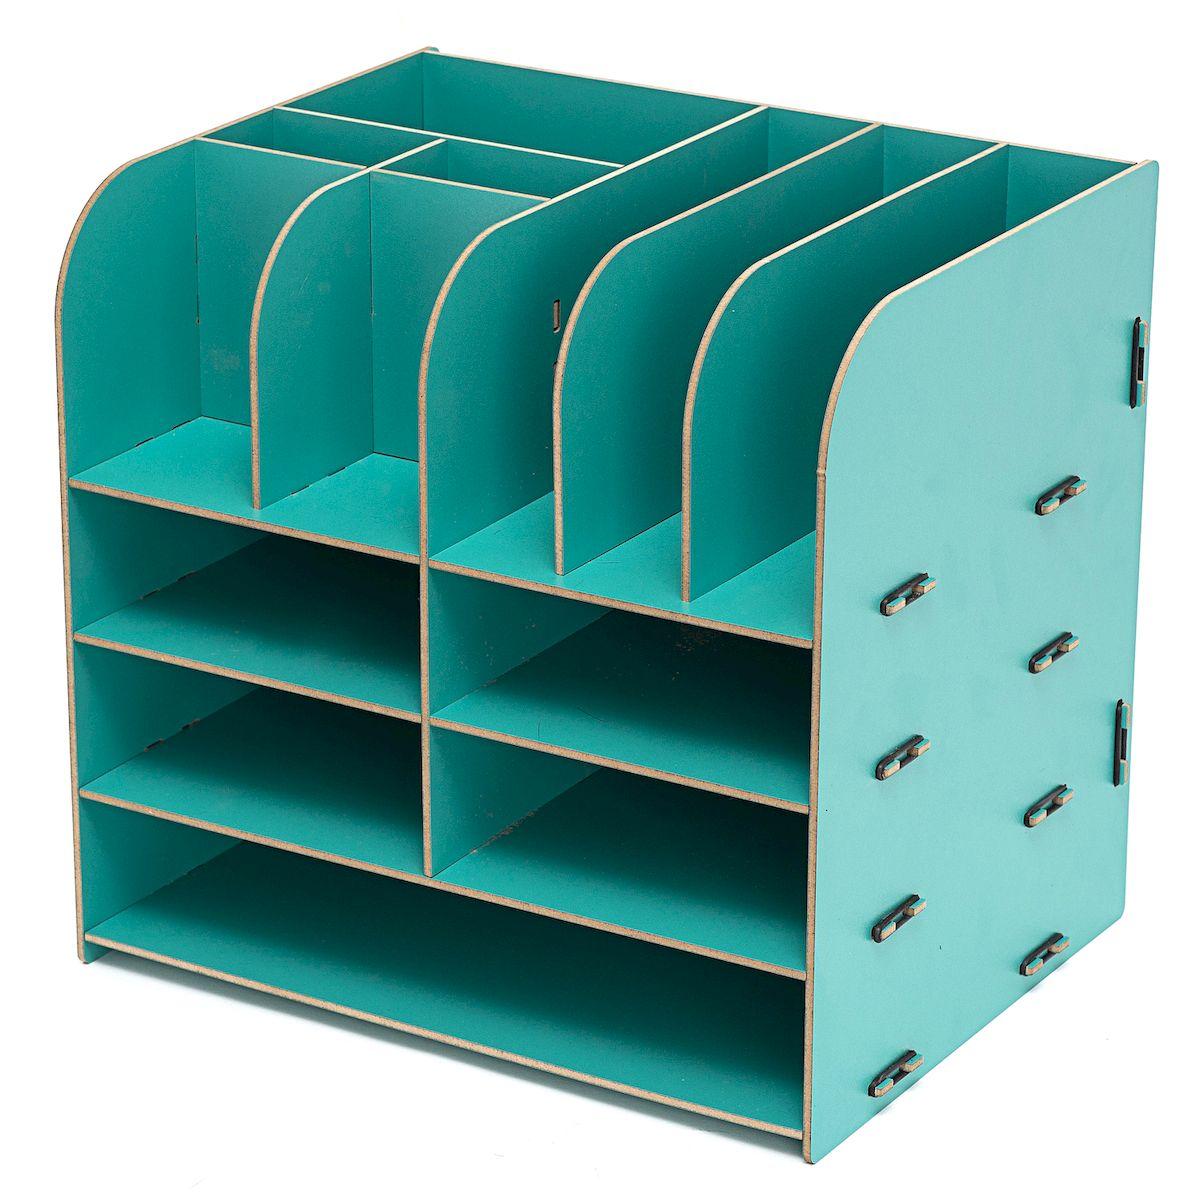 Органайзер Homsu, цвет: бирюзовый, 32,5 x 25 x 30 смHOM-340Этот настольный органайзер просто незаменим на рабочем столе, он вместителен, его размеры впечатляют - 32.5 см на 25 см на 30 см и в то же время он не занимает много места. Яркий дизайн дополнит интерьер дома и разбавит цвет в скучном сером офисе. Он изготовлен из МДФ и легко собирается из съемных частей. Имеет одно отделение для хранения документов и множество ячеек для хранения канцелярских предметов и всяких мелочей. Фактический цвет может отличаться от заявленного.